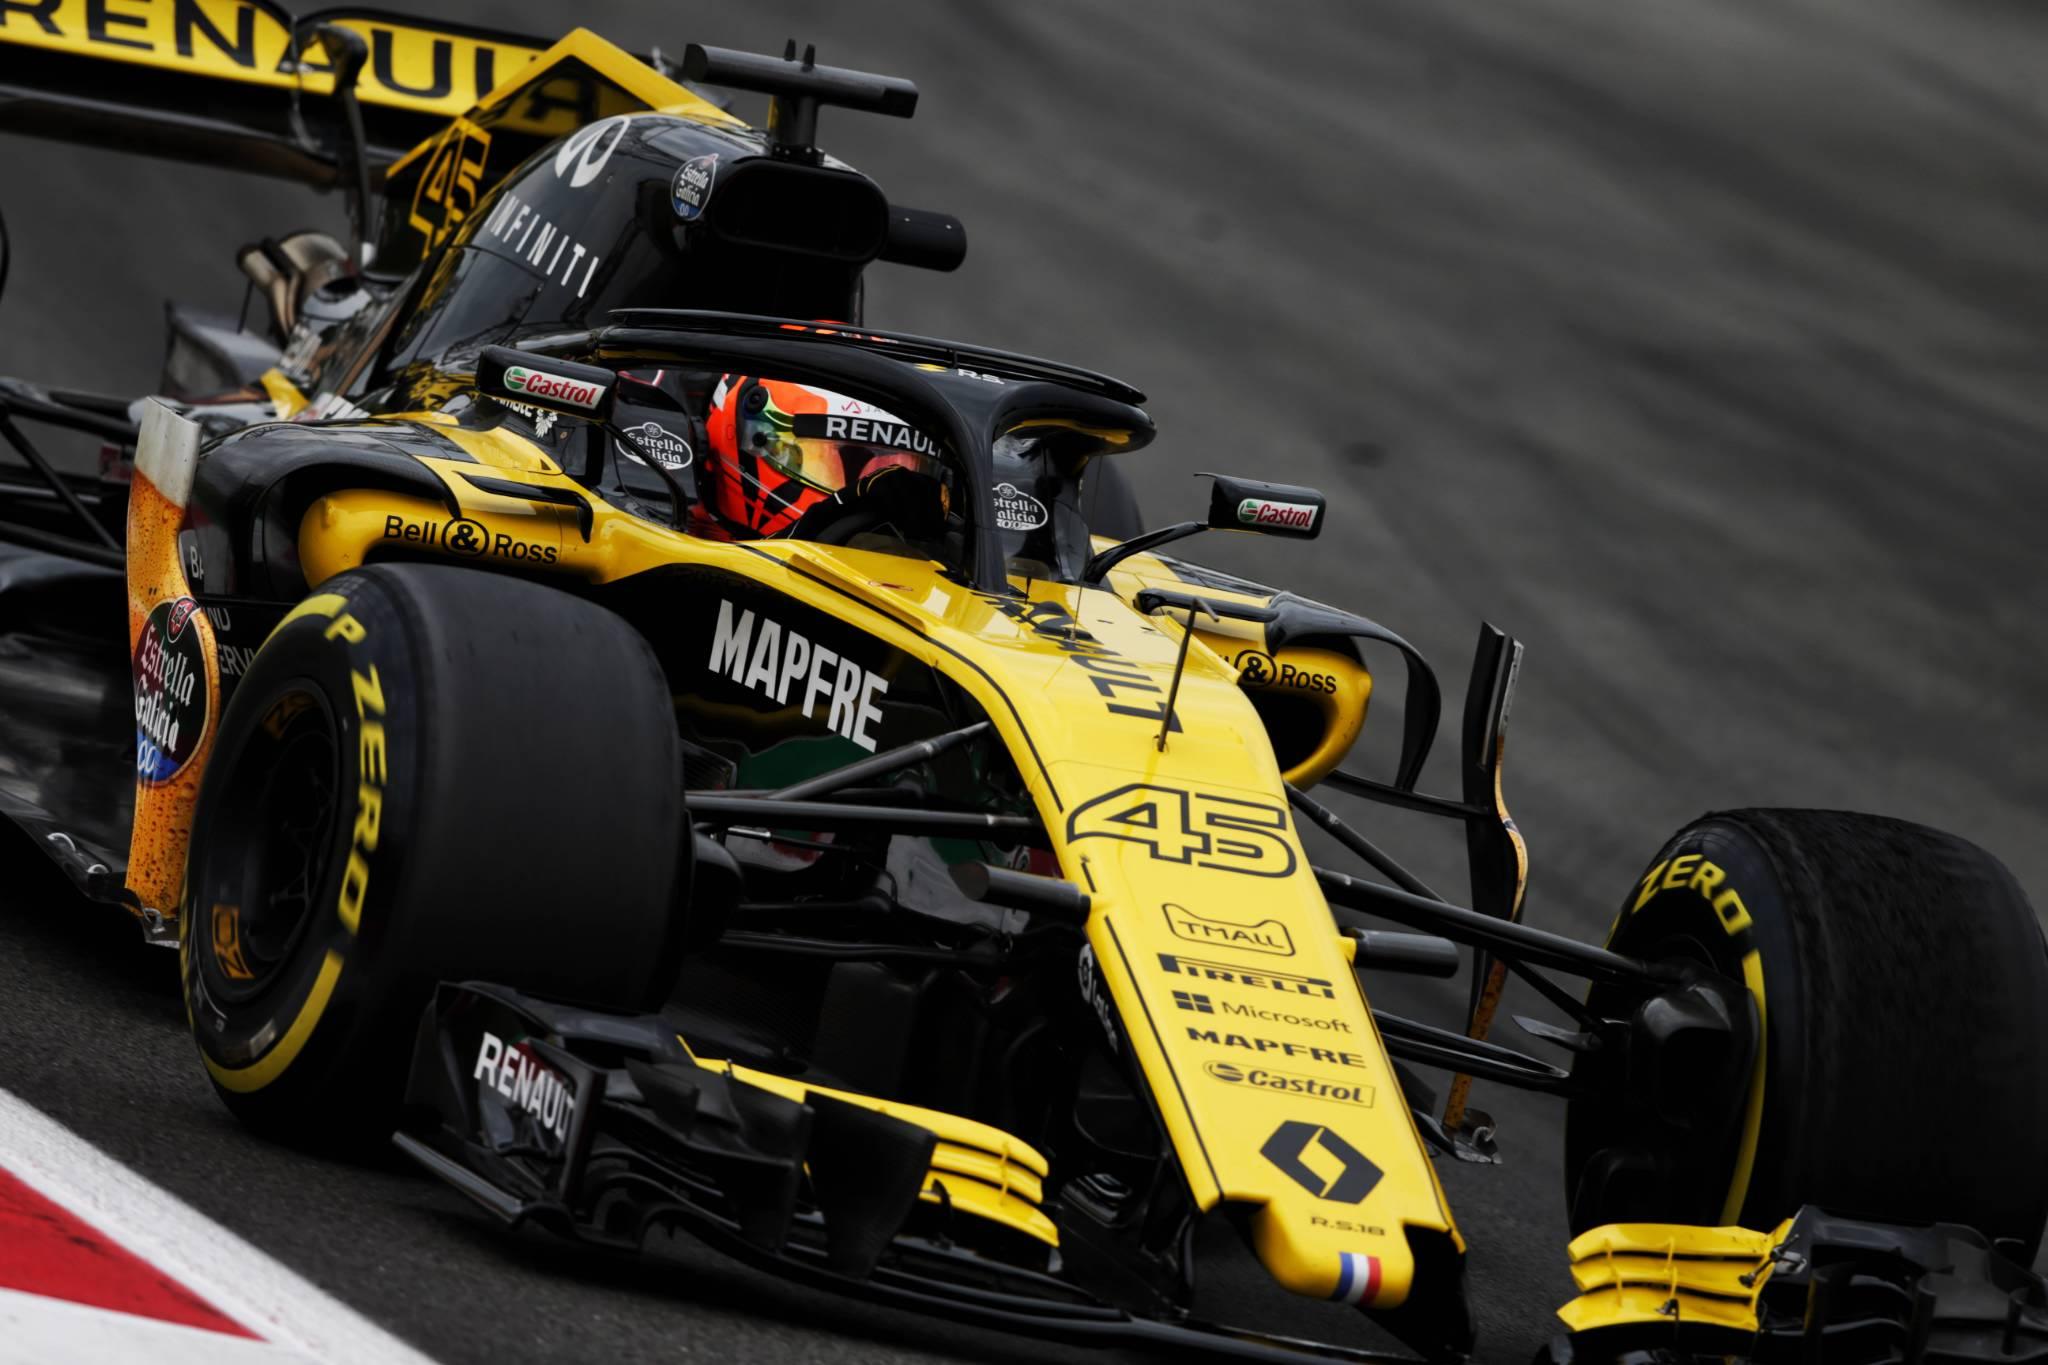 Jack Aitken (GBR) / (KOR) Renault Sport F1 Team RS18 Test and Reserve Driver. 16.05.2018.